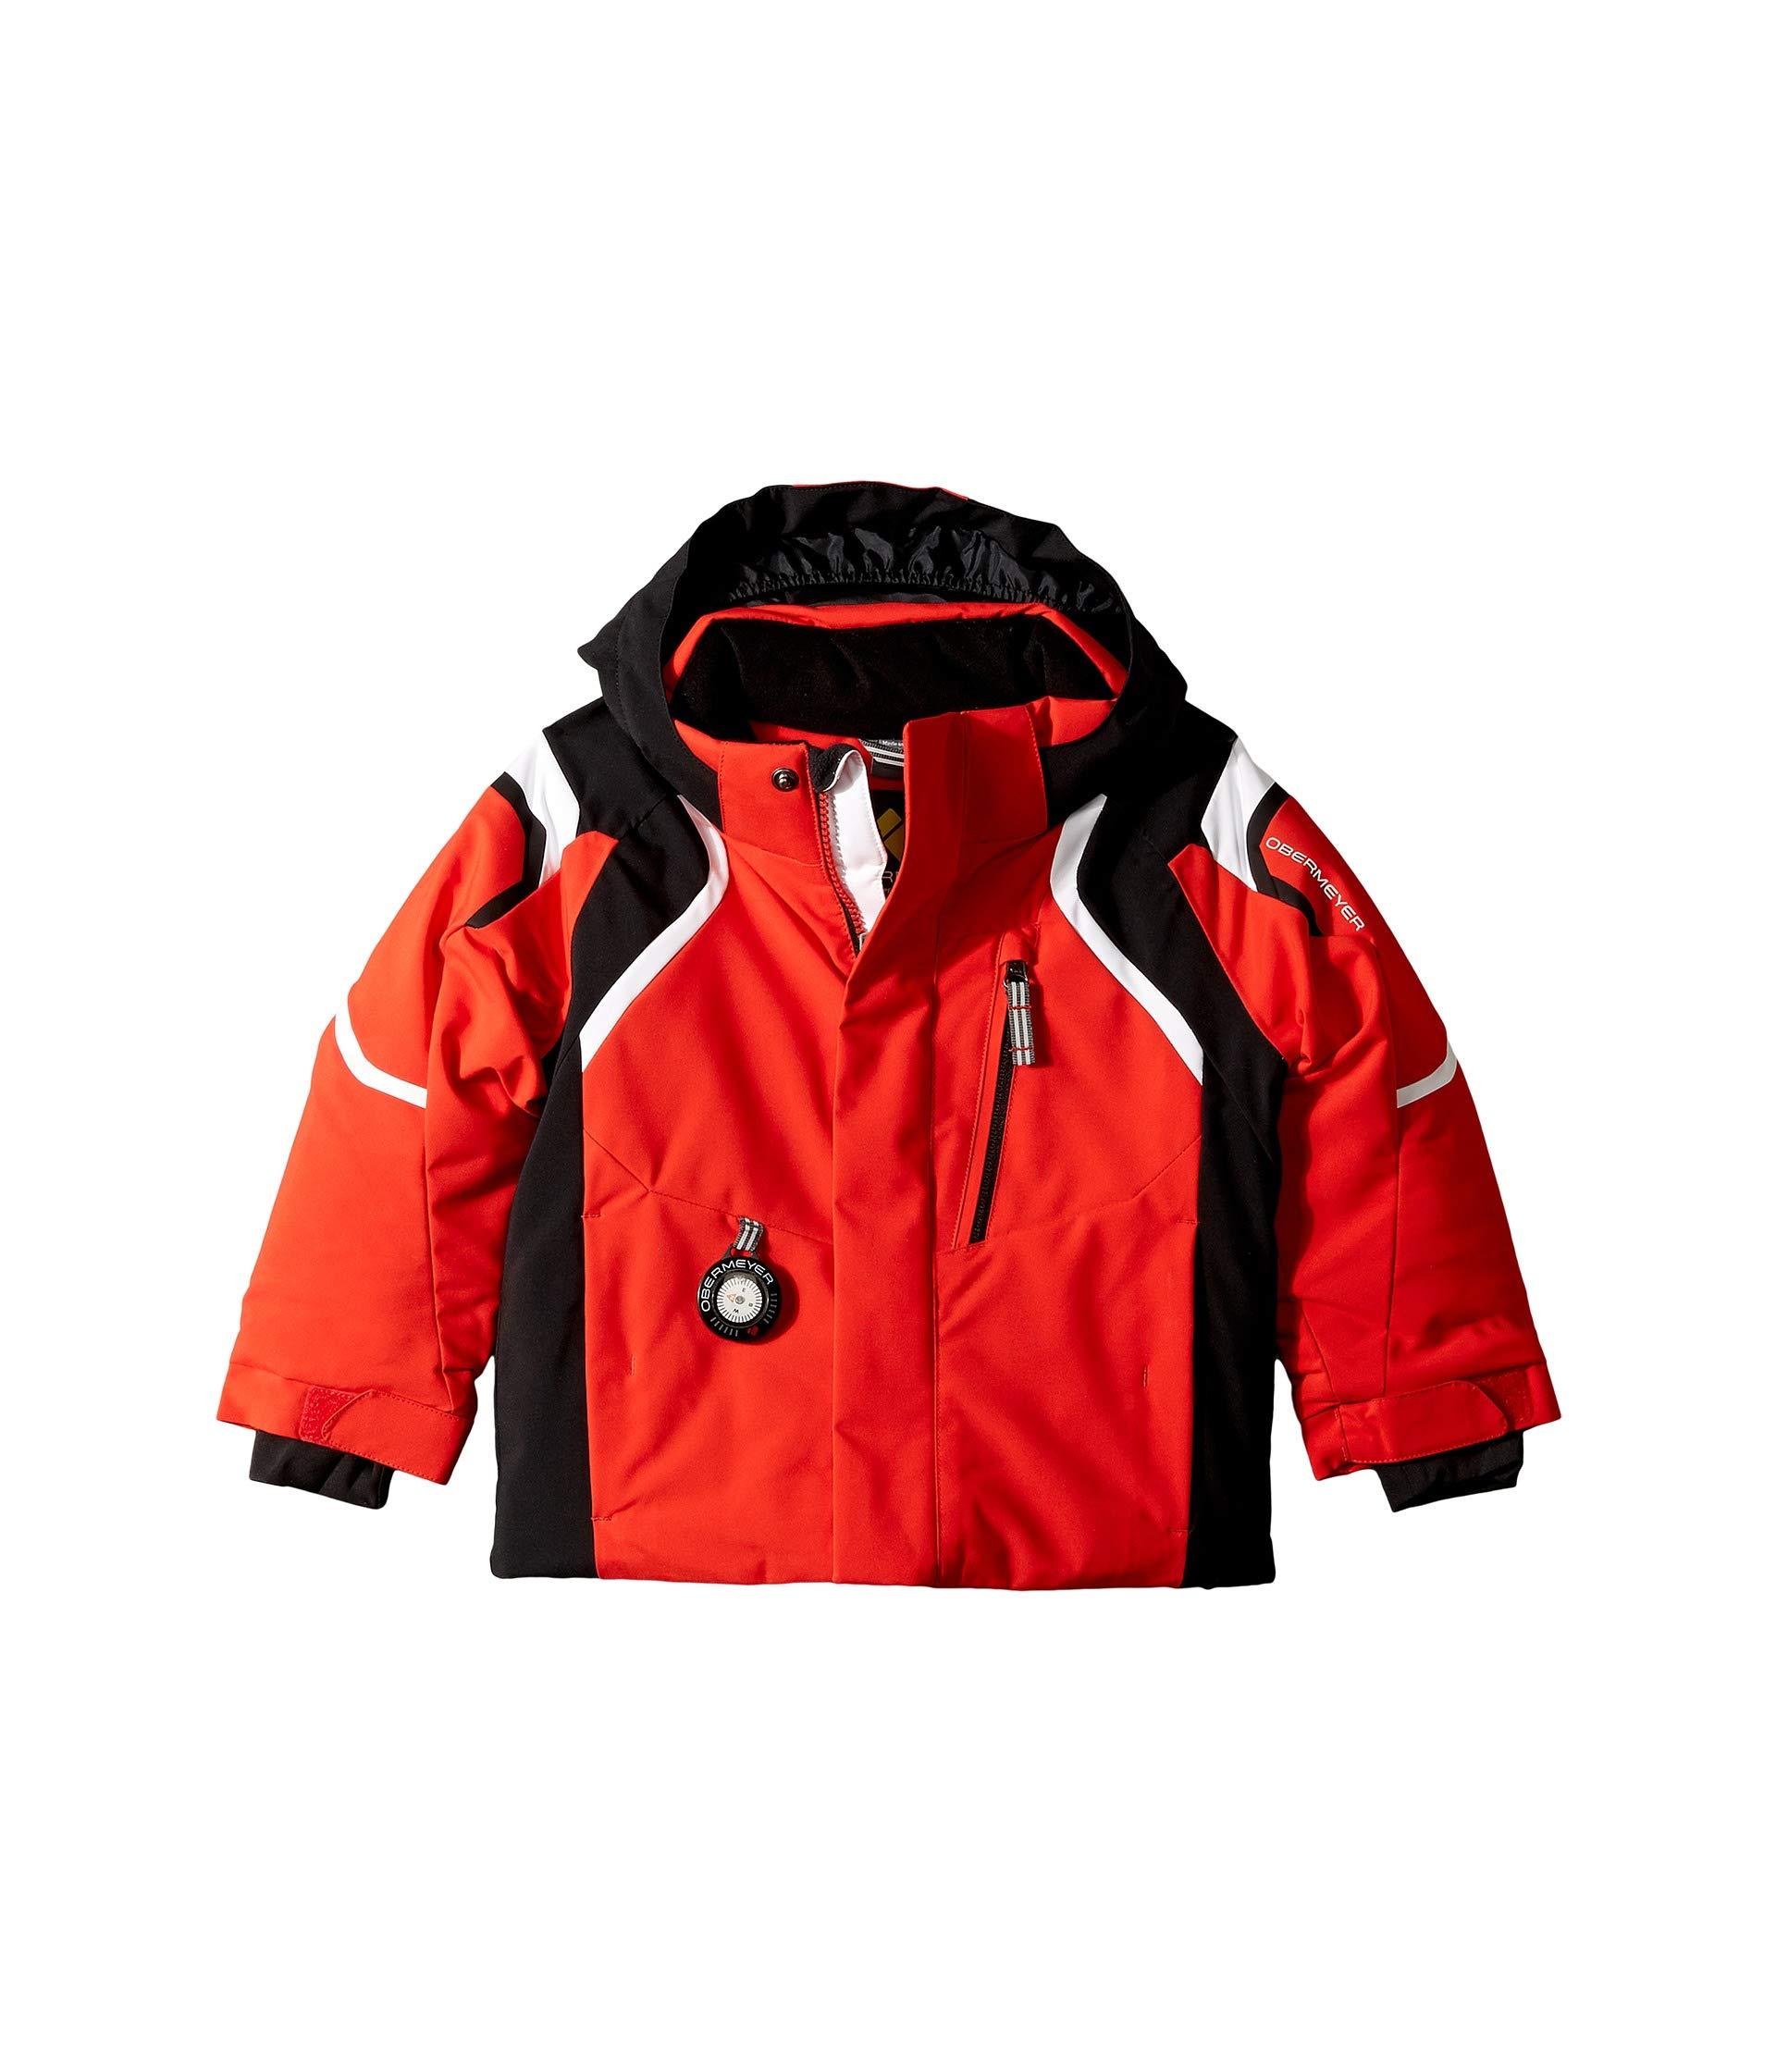 Obermeyer Kids Baby Boy's Kestrel Jacket (Toddler/Little Kids/Big Kids) Red 8